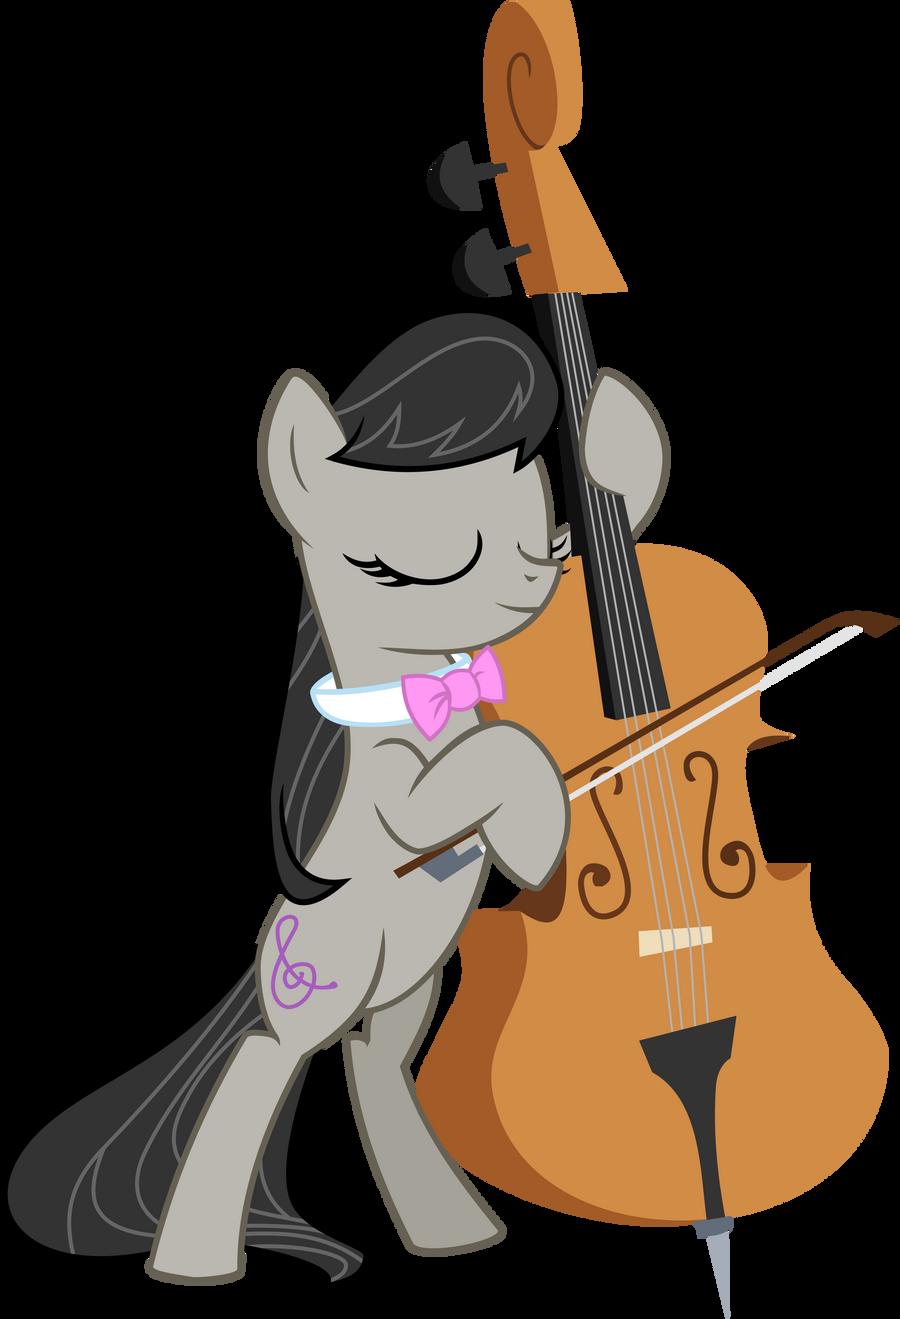 Octavia - Ready to play